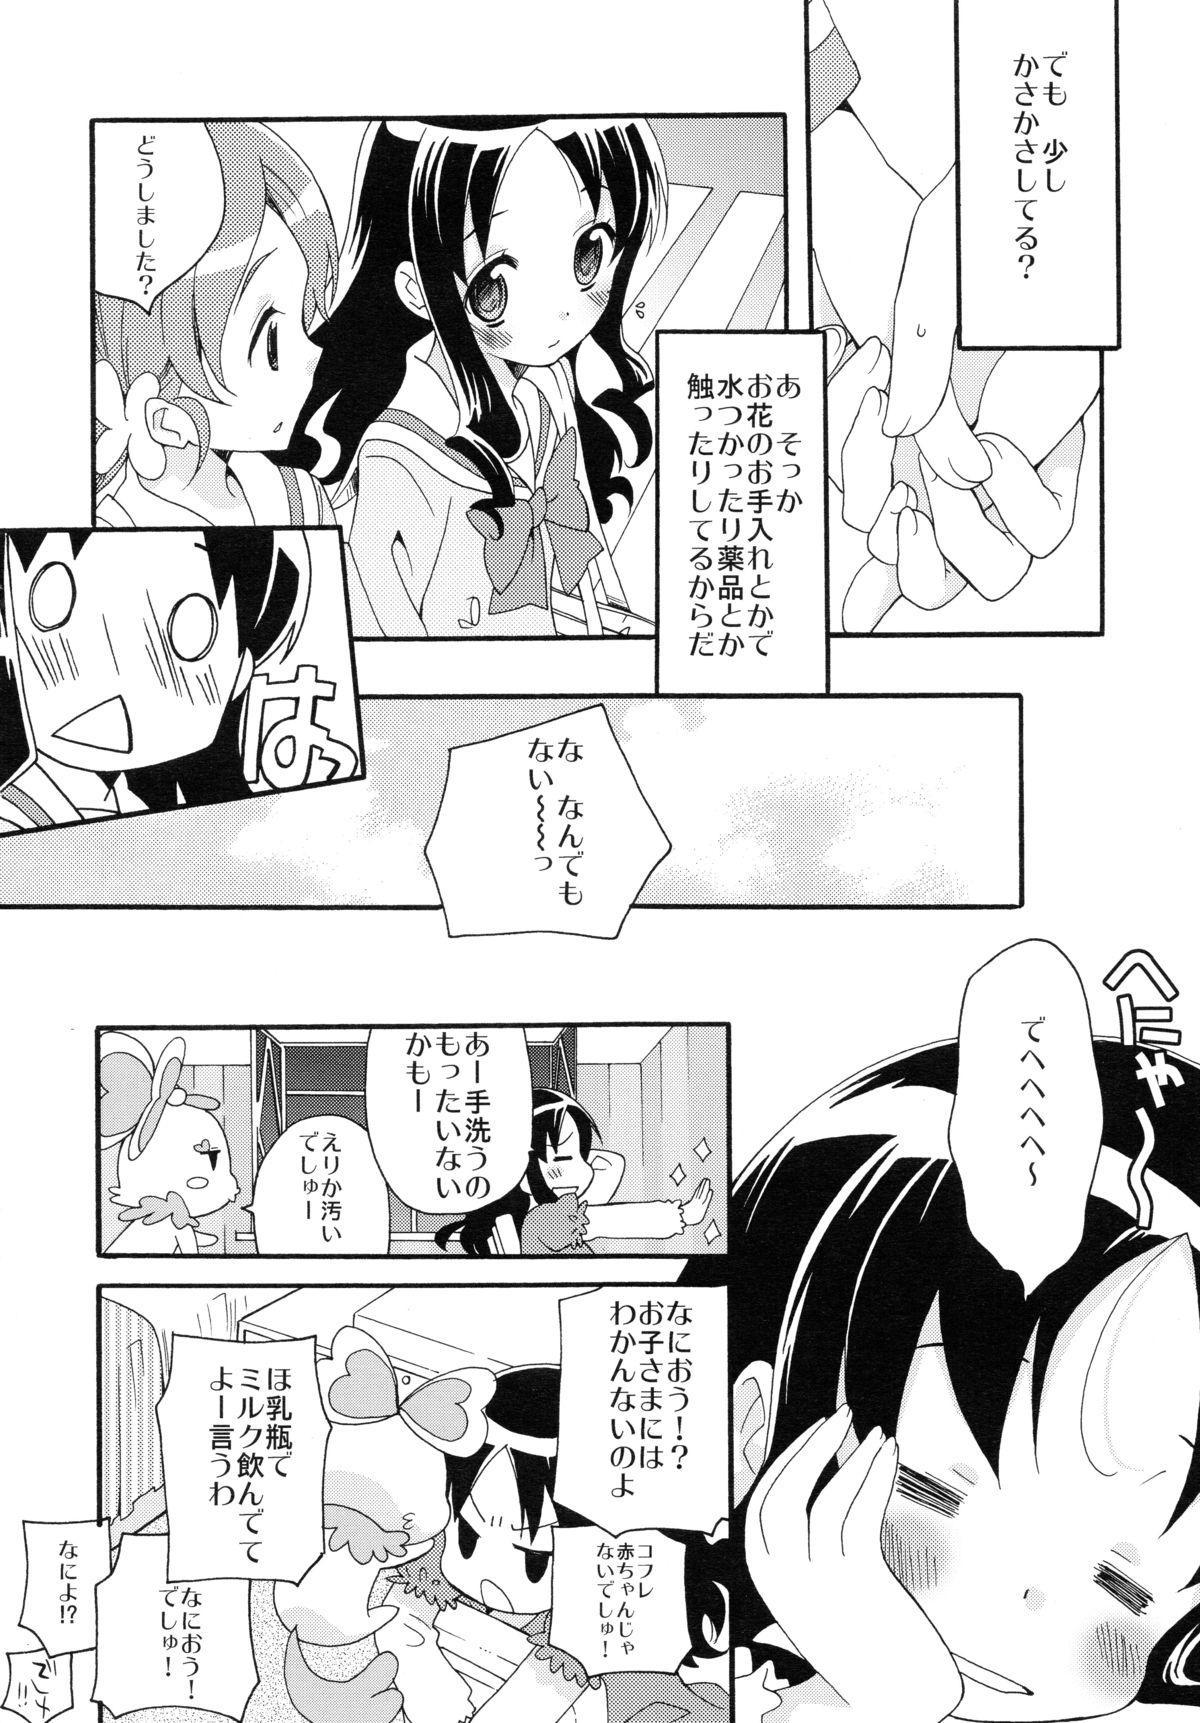 Hajimemashite no Mahou 8